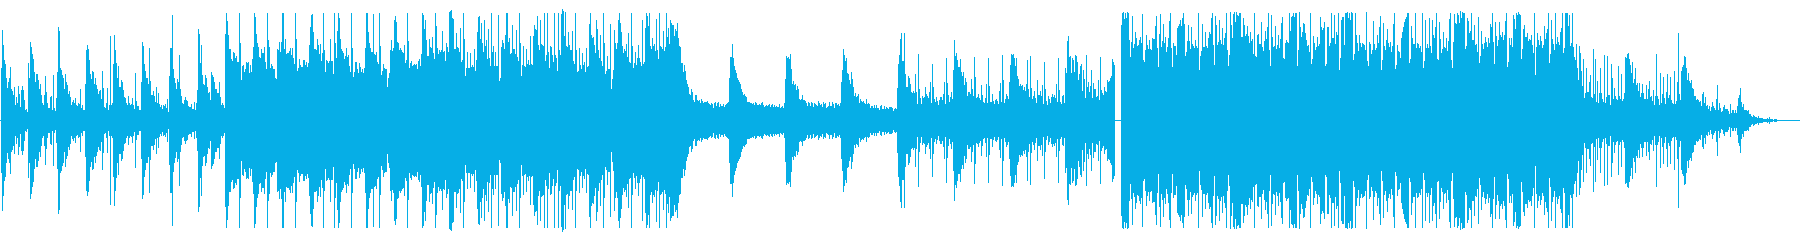 雨のイメージのゆったりとしたエレクトロの再生済みの波形